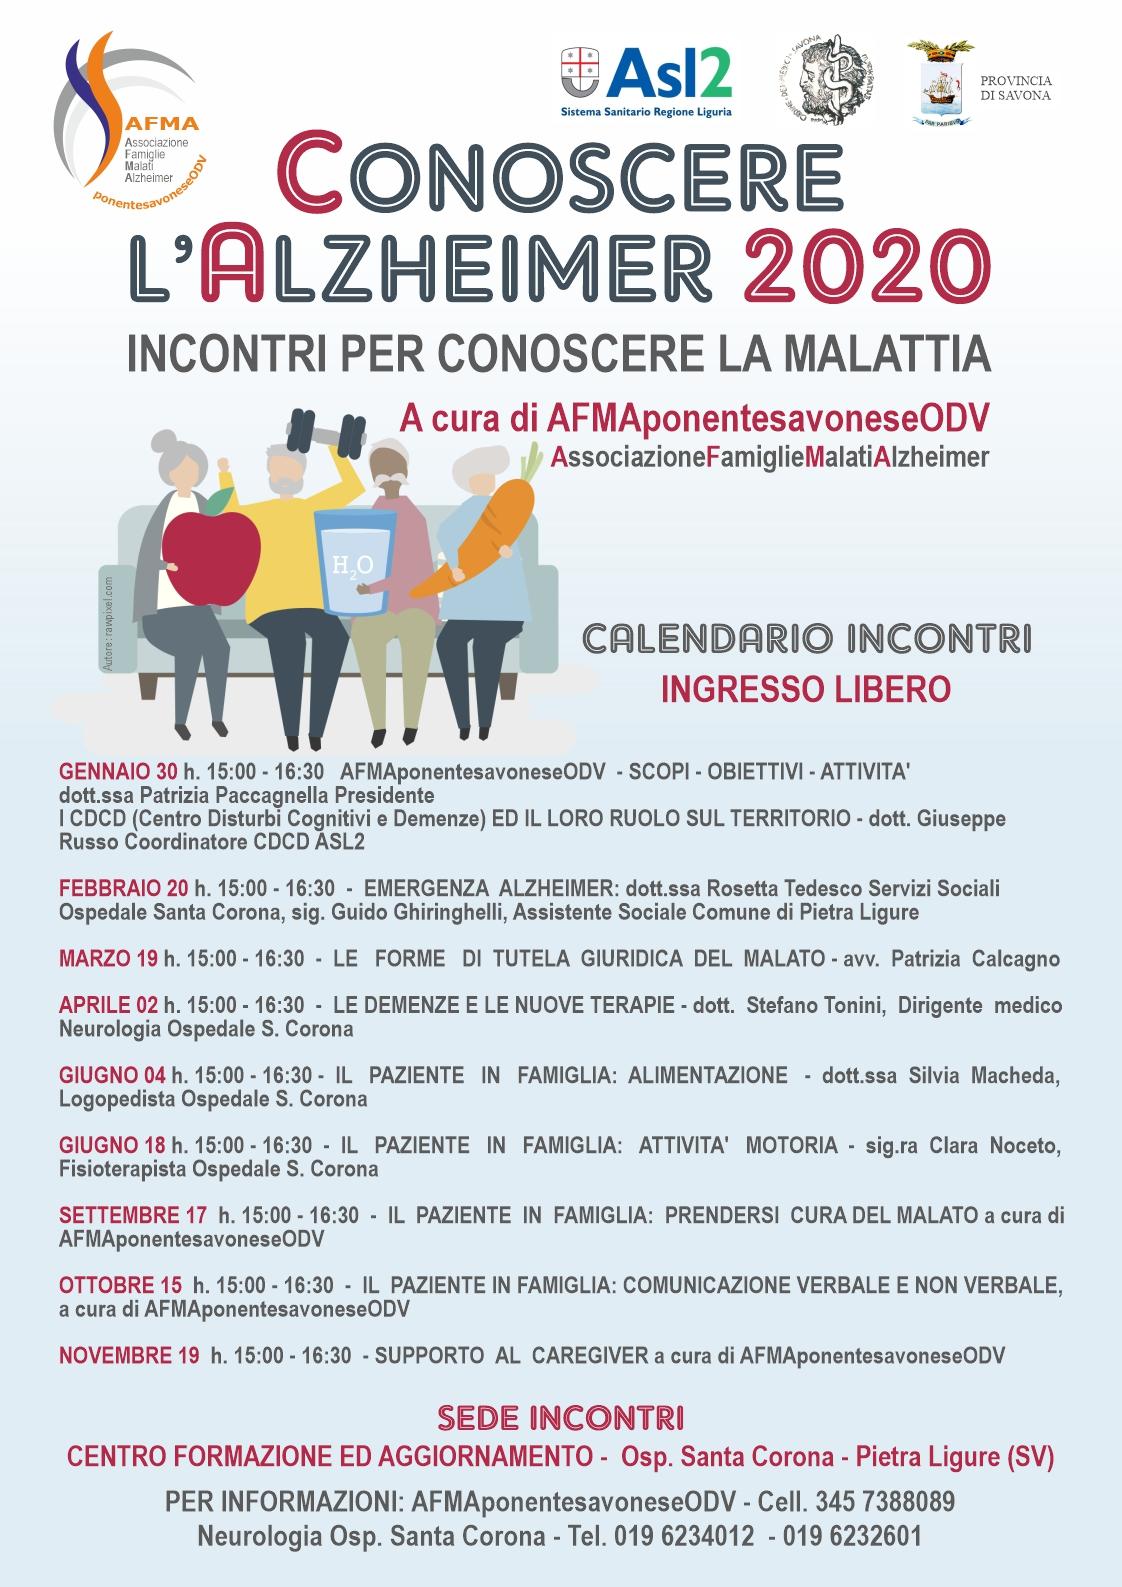 Conoscere Alzheimer 2020